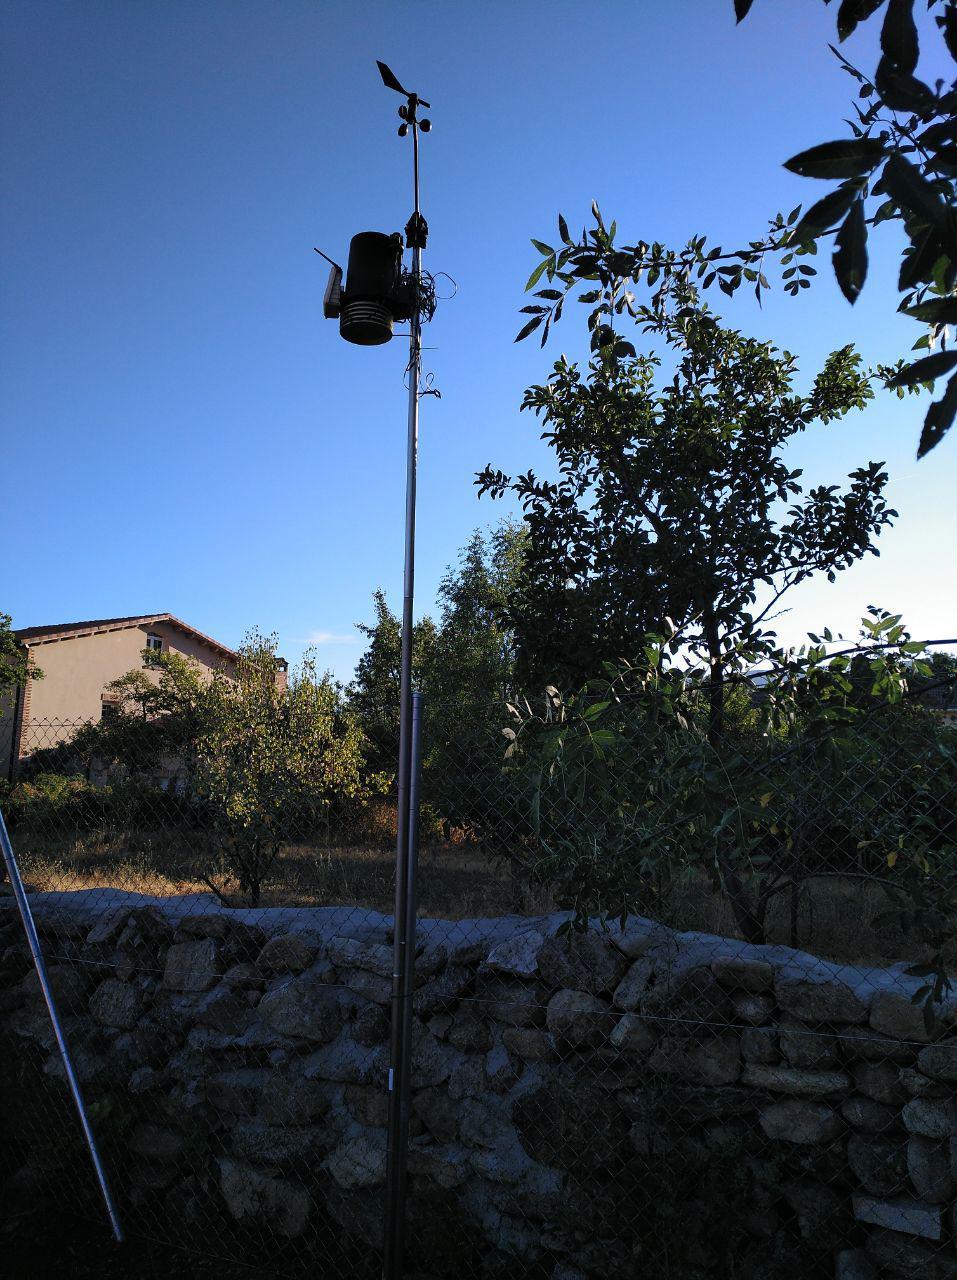 meteooteruelo.info